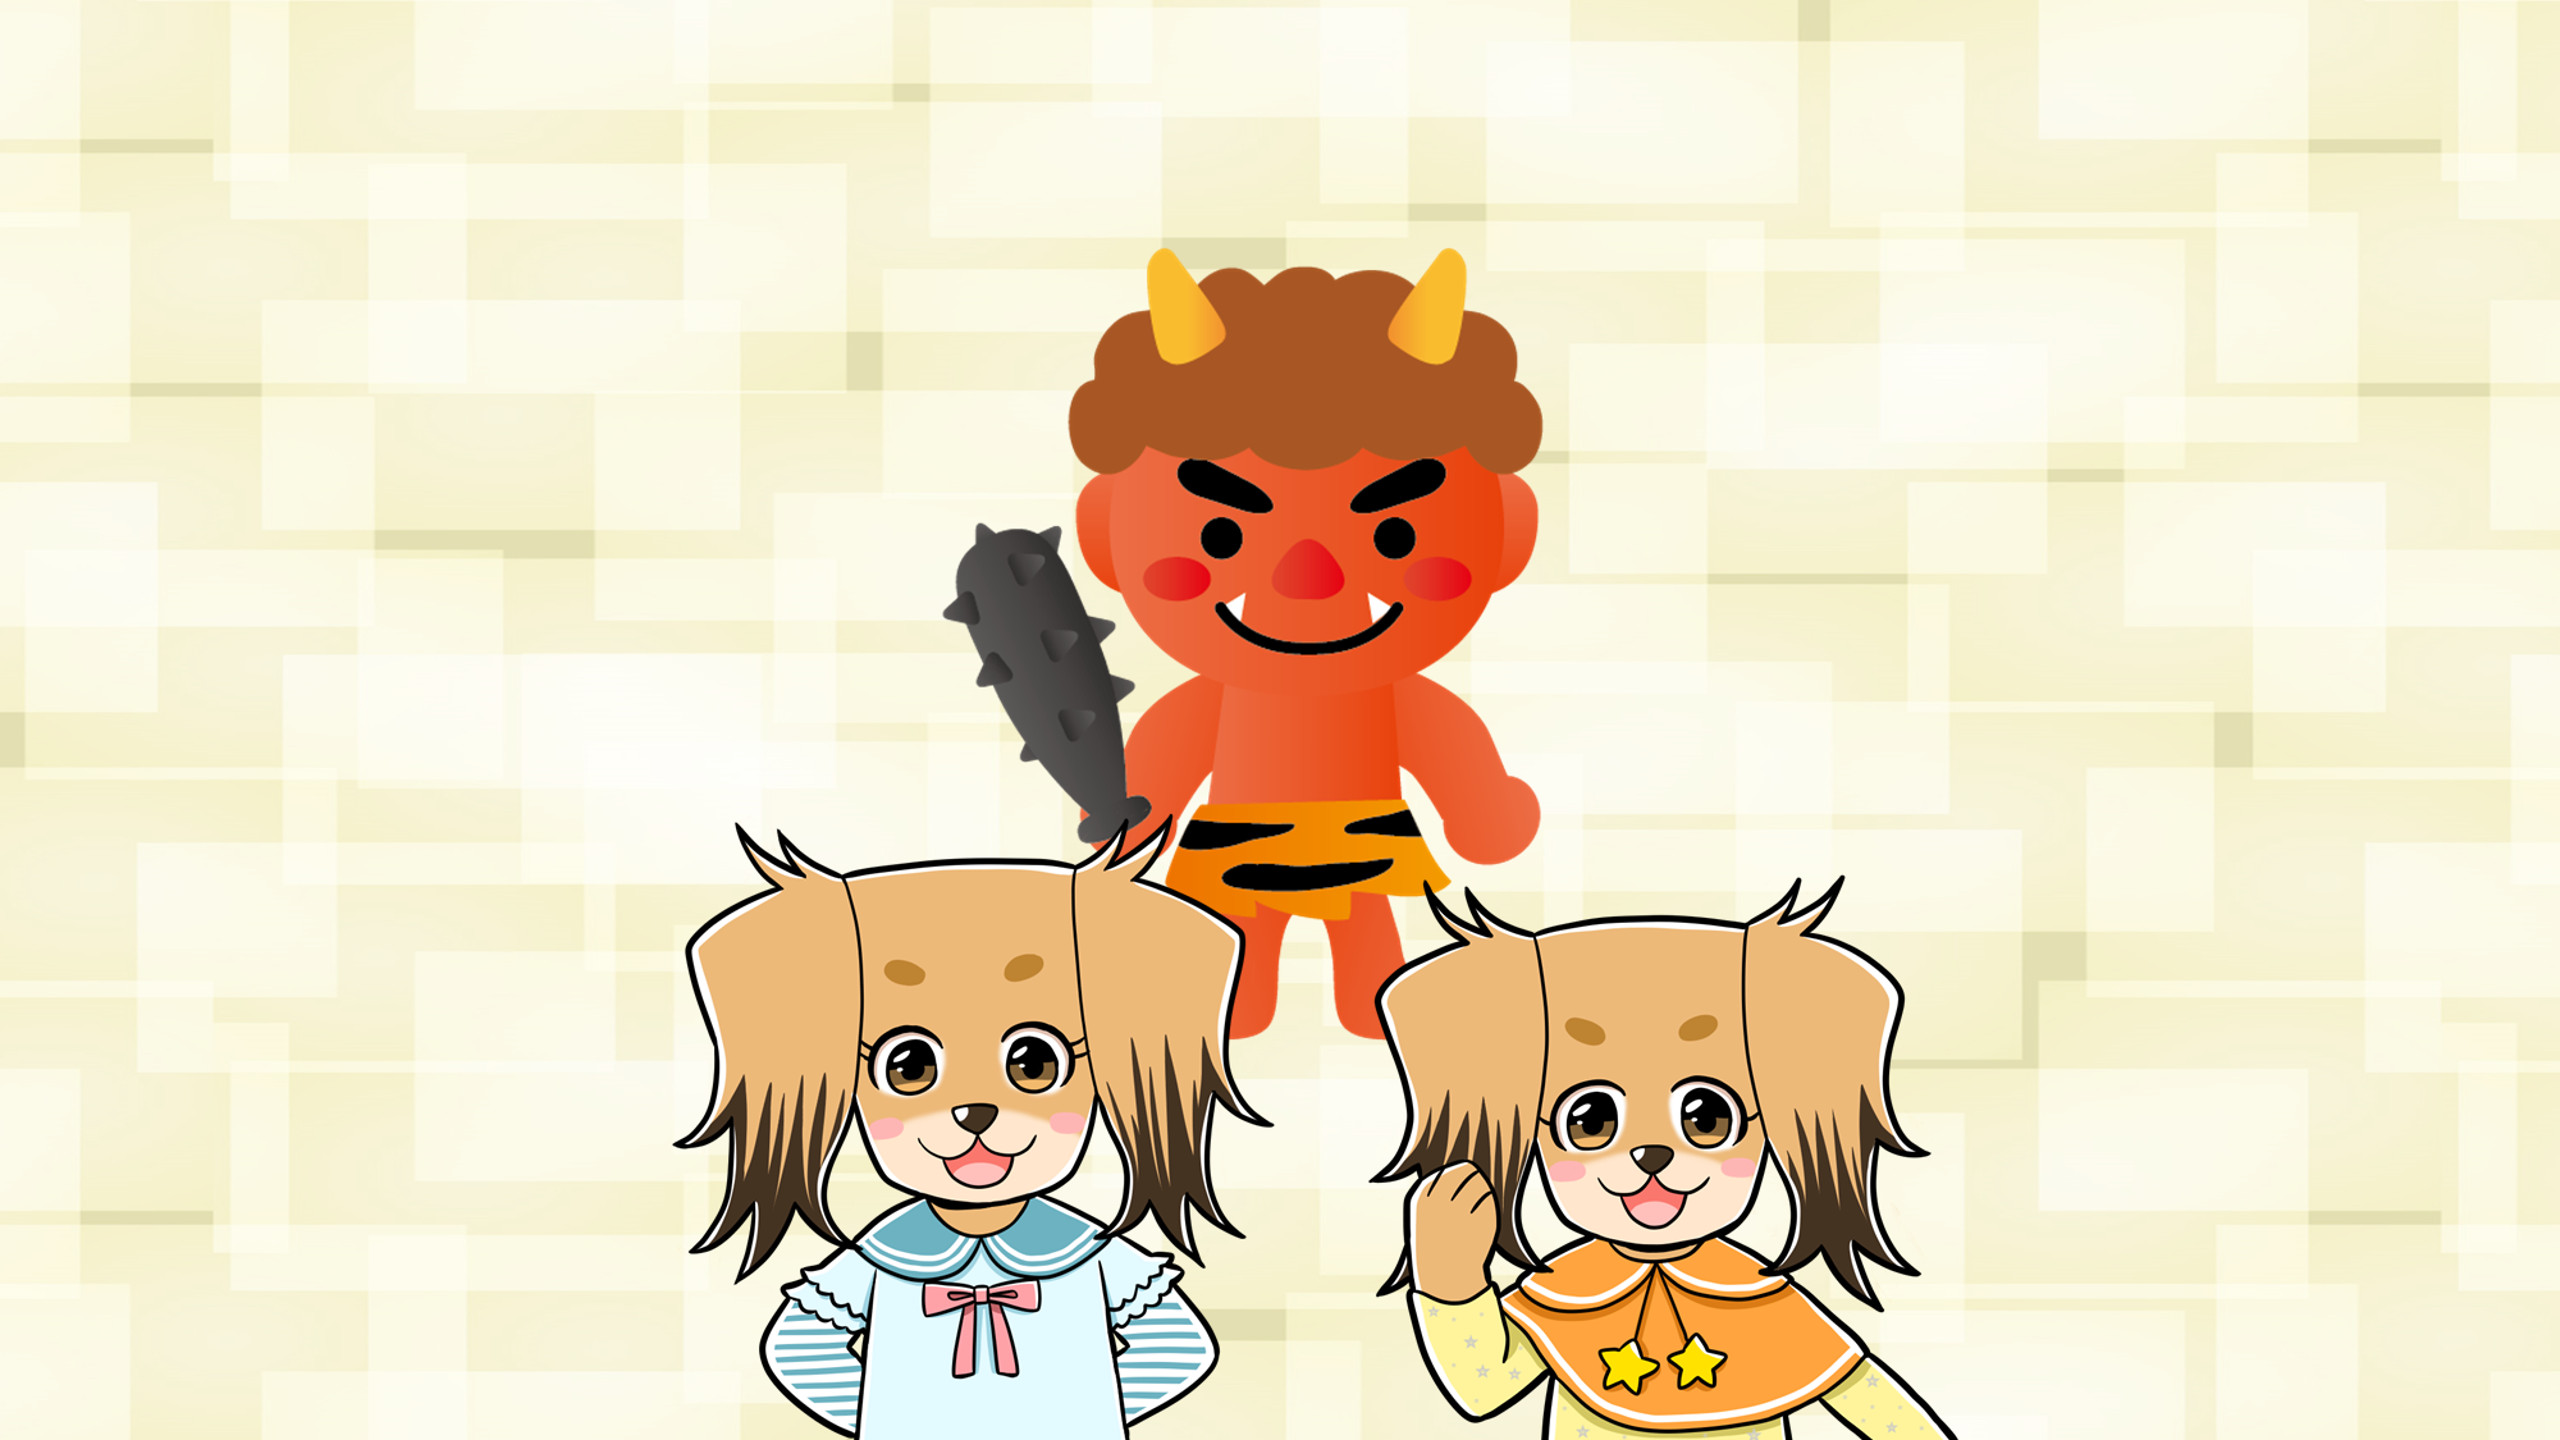 赤鬼と2人姉妹